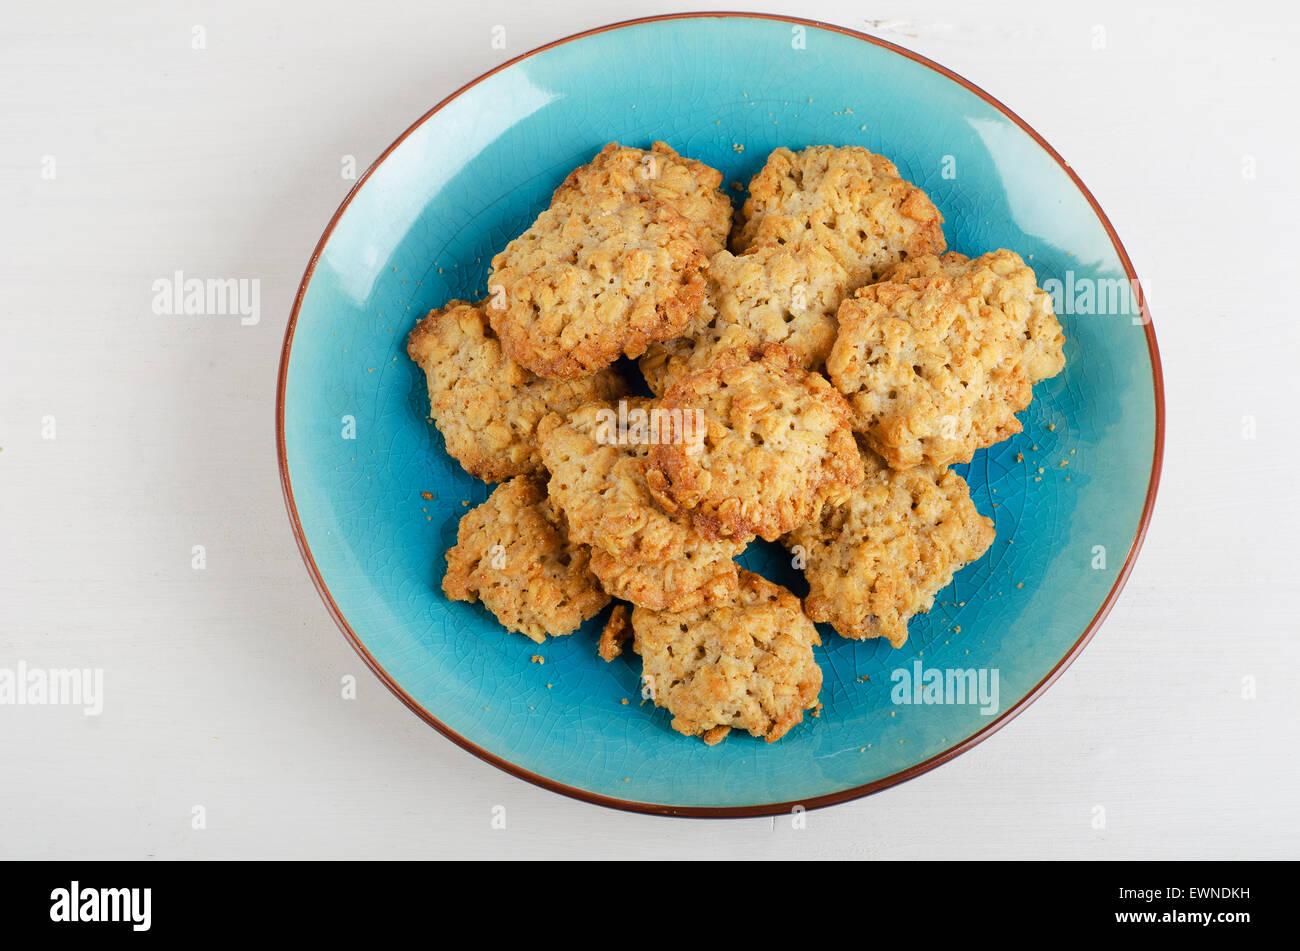 Recién horneado galletas de harina de avena en una placa de color azul. Vista superior Foto de stock